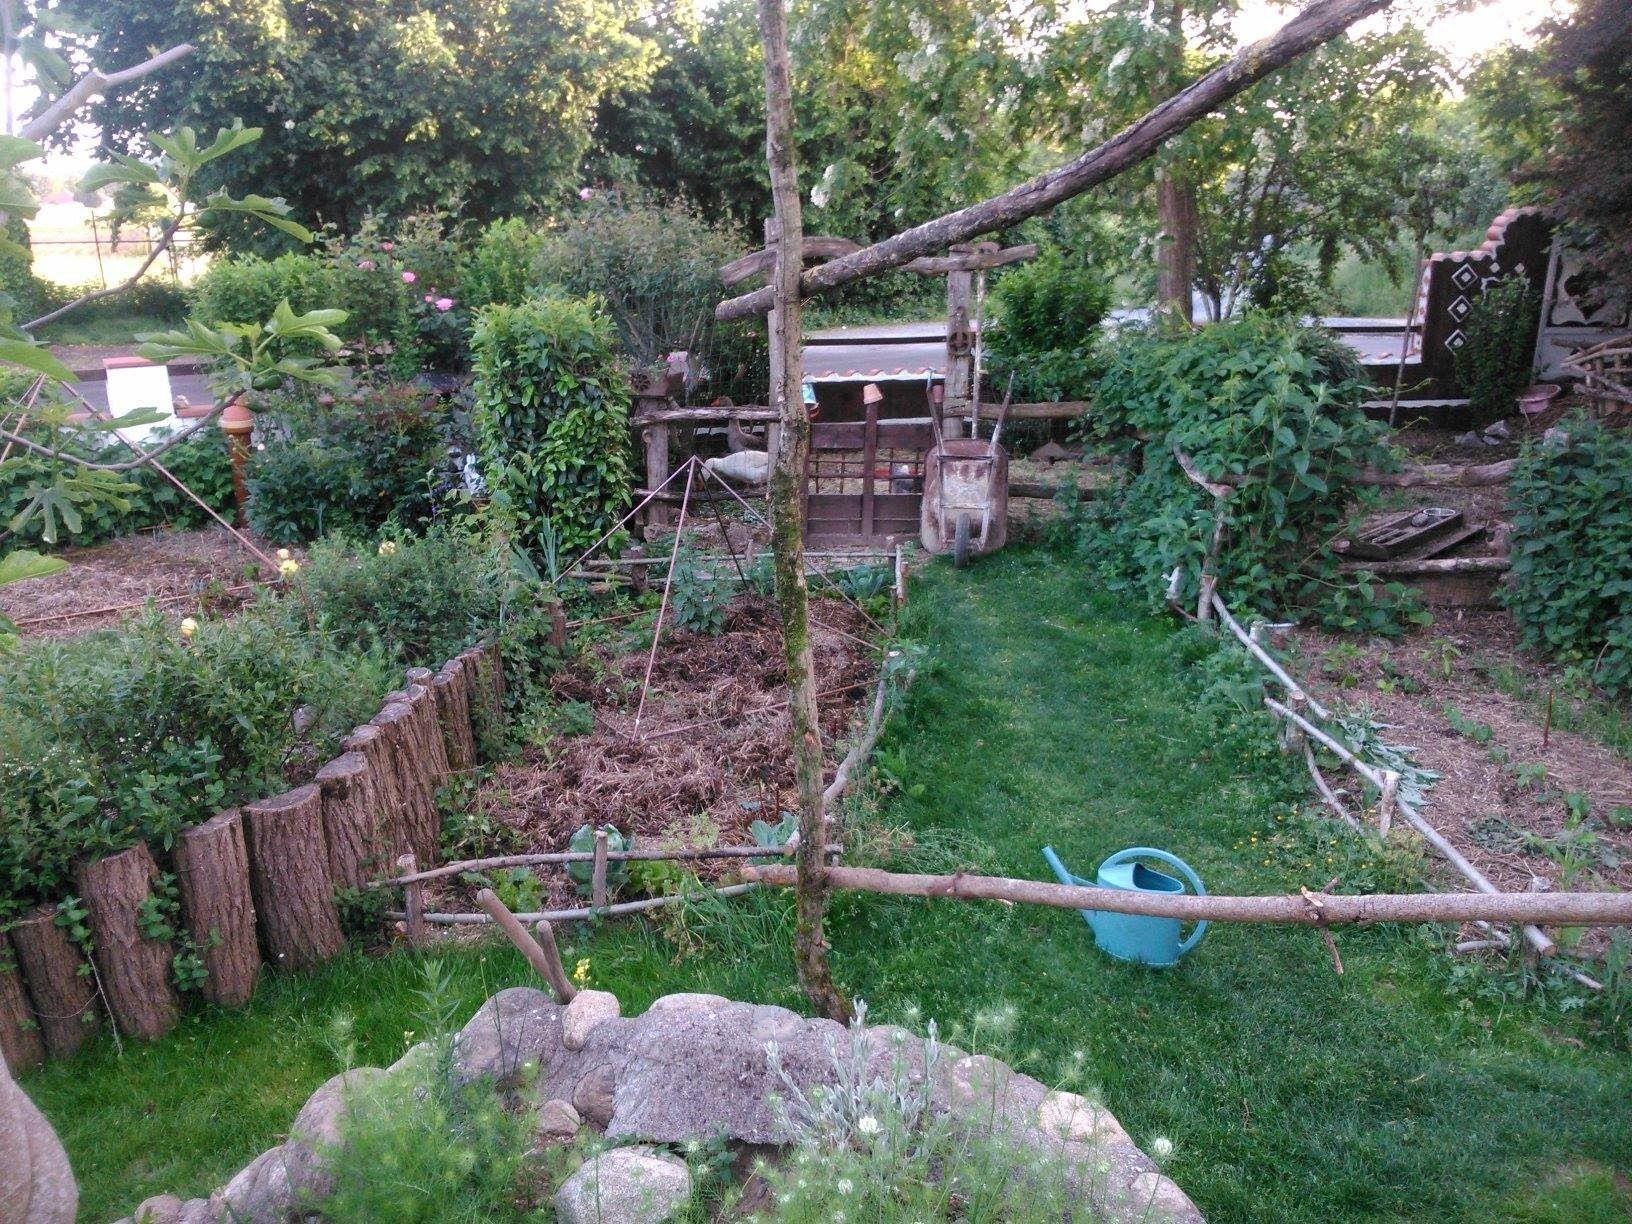 jardin de lo c permaculture et electroculture gardening i herbs berries tomatoes greens